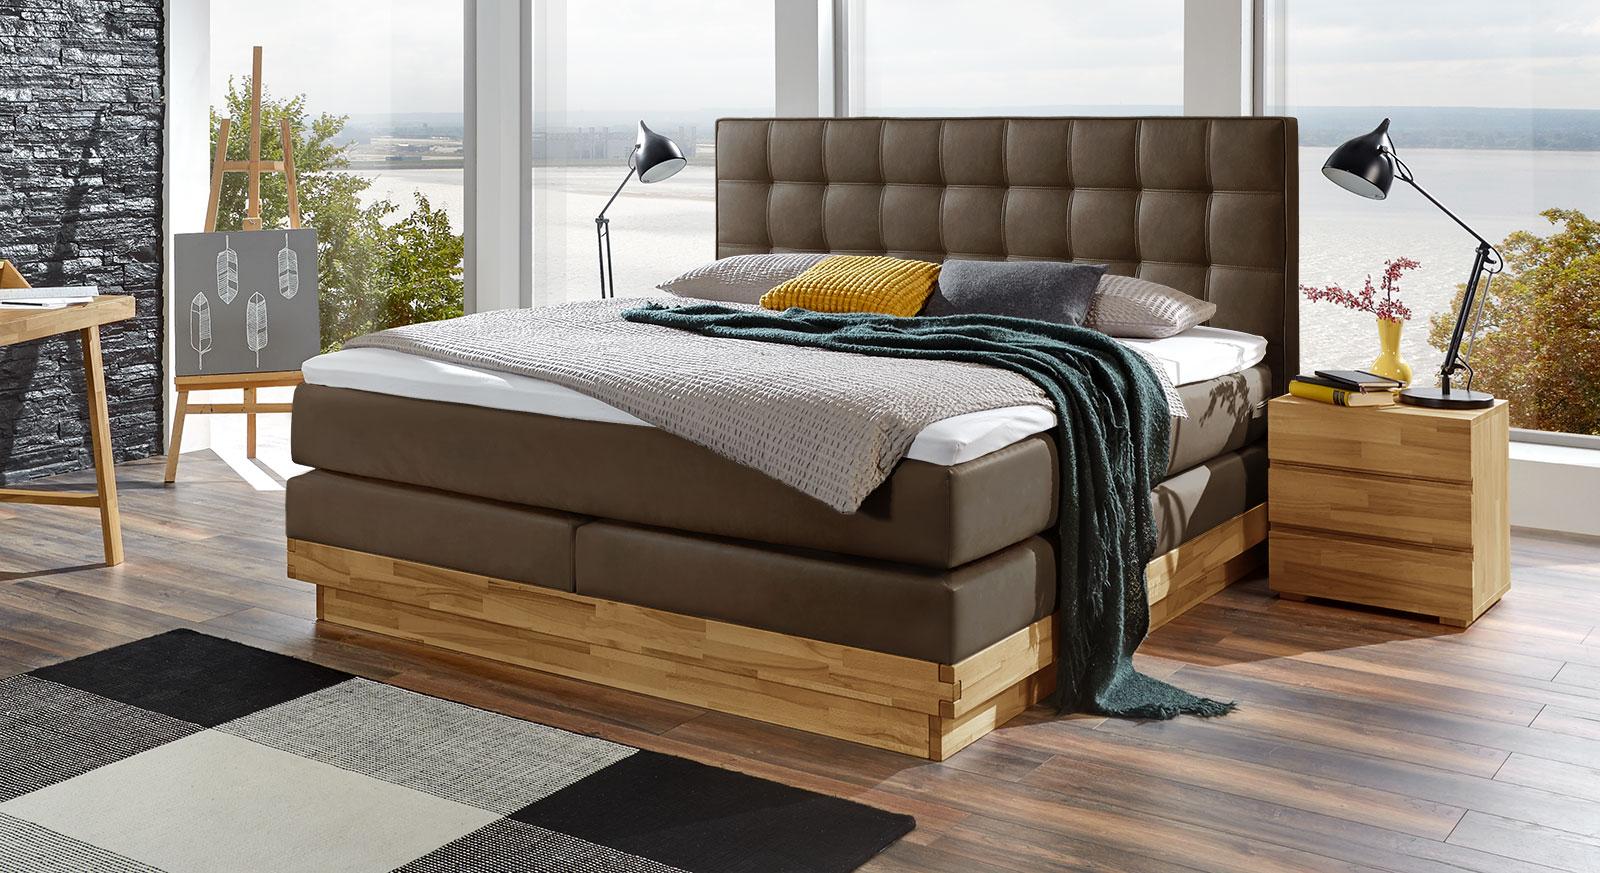 Full Size of Bettende Partnerhotels Probeschlafen Bett Betten.de